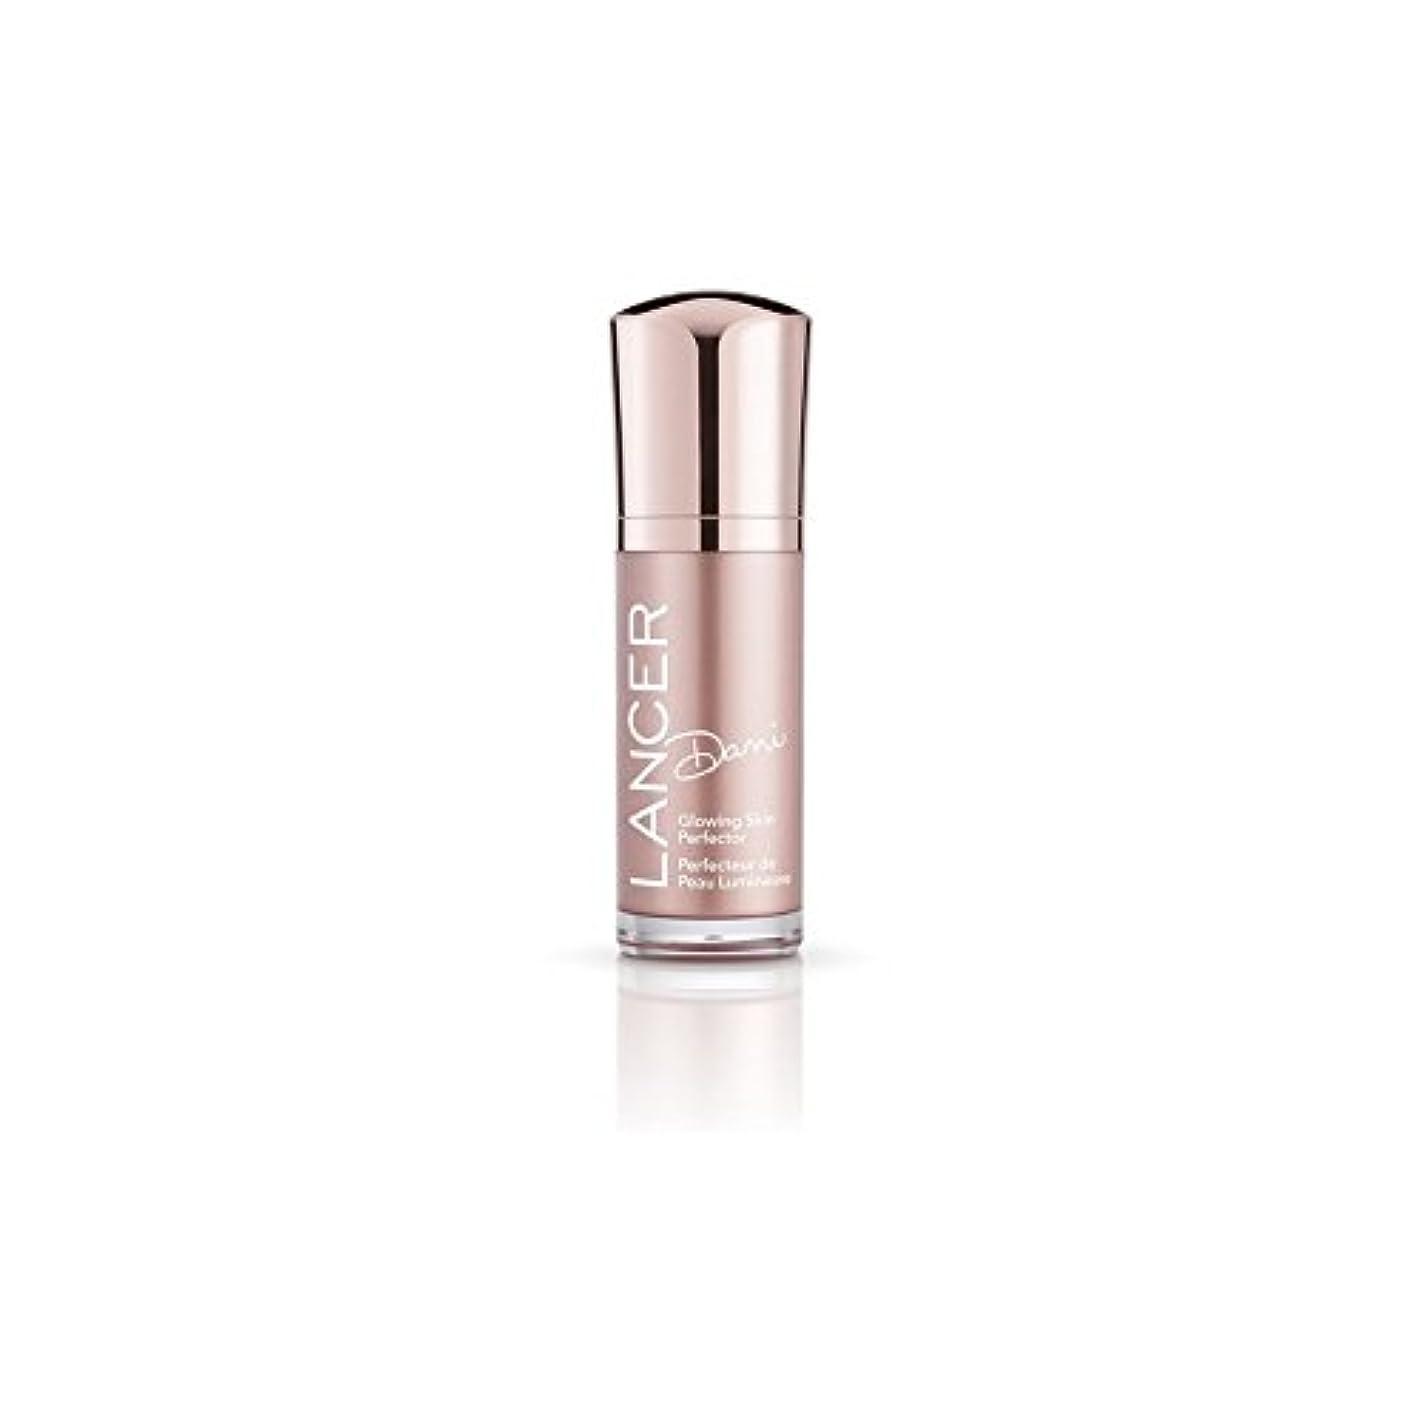 広告主十分若者スキンパーフェク輝くランサースキンケアダニ(30ミリリットル) x2 - Lancer Skincare Dani Glowing Skin Perfector (30ml) (Pack of 2) [並行輸入品]